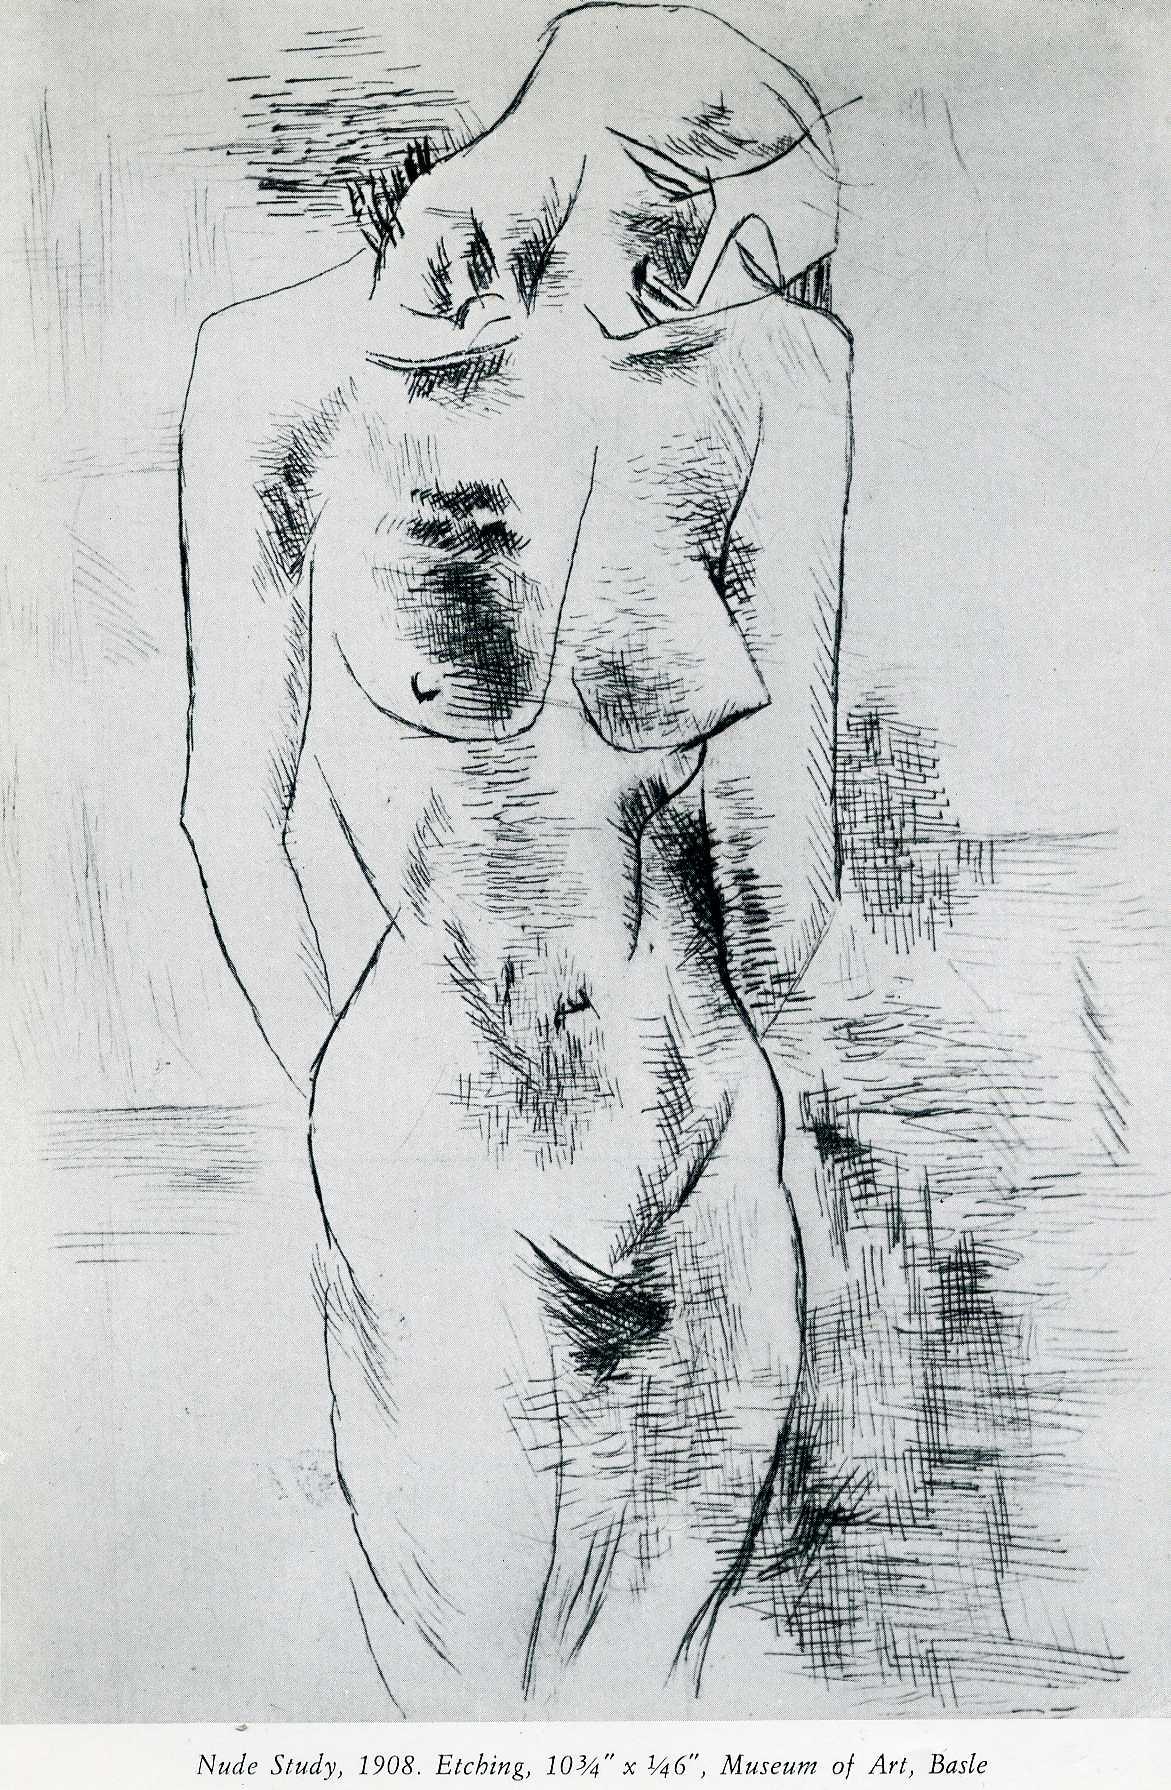 Nude study, 1908